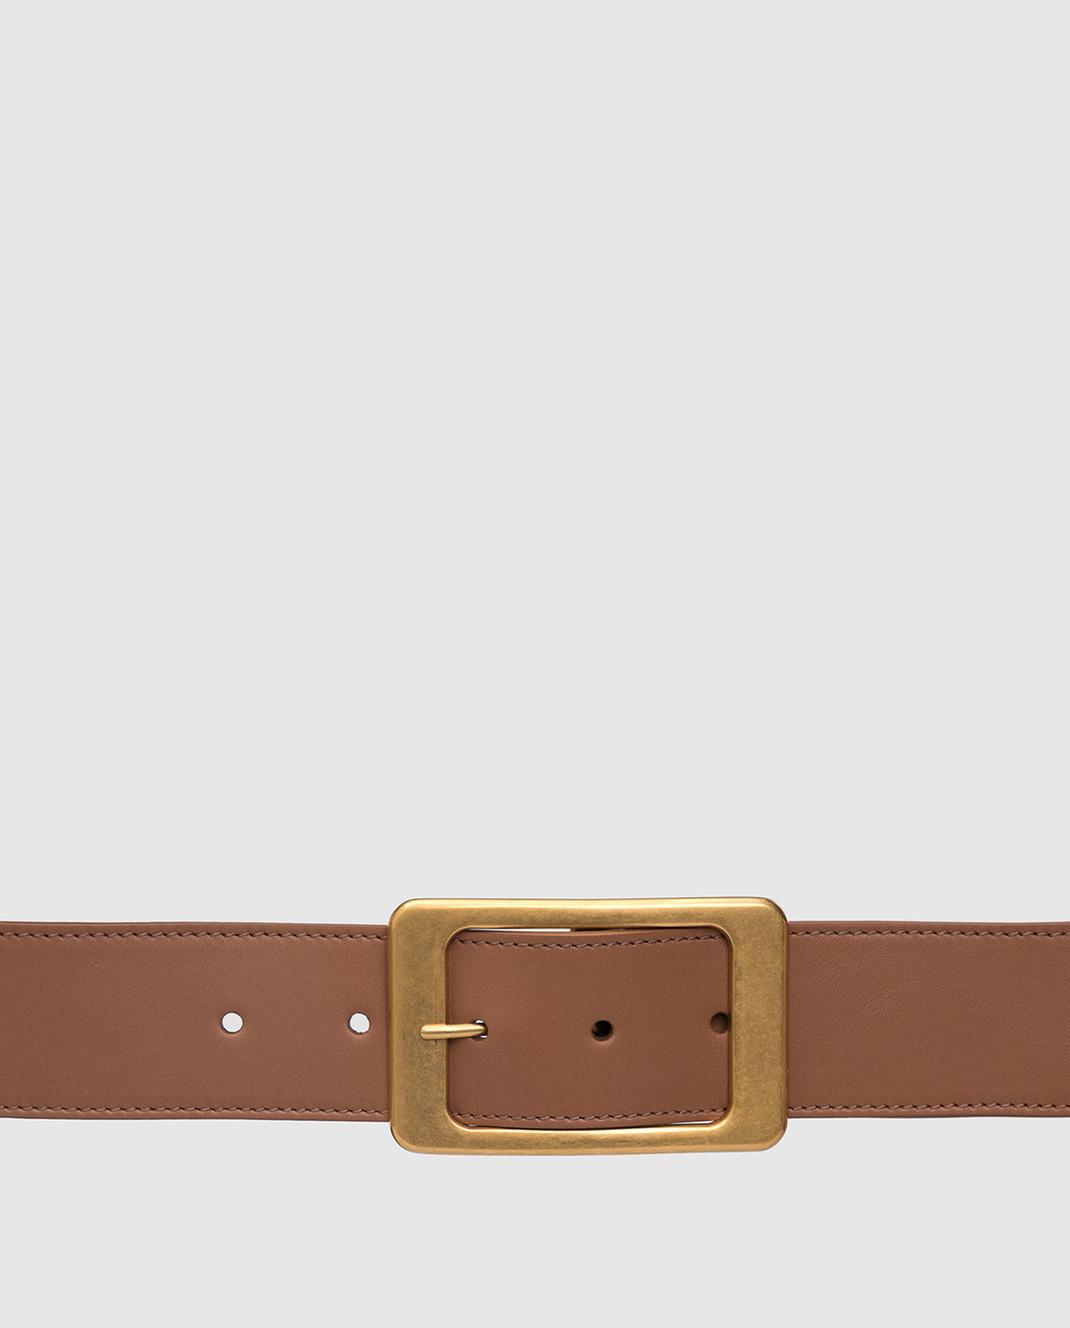 Loro Piana Коричневый кожаный ремень изображение 4